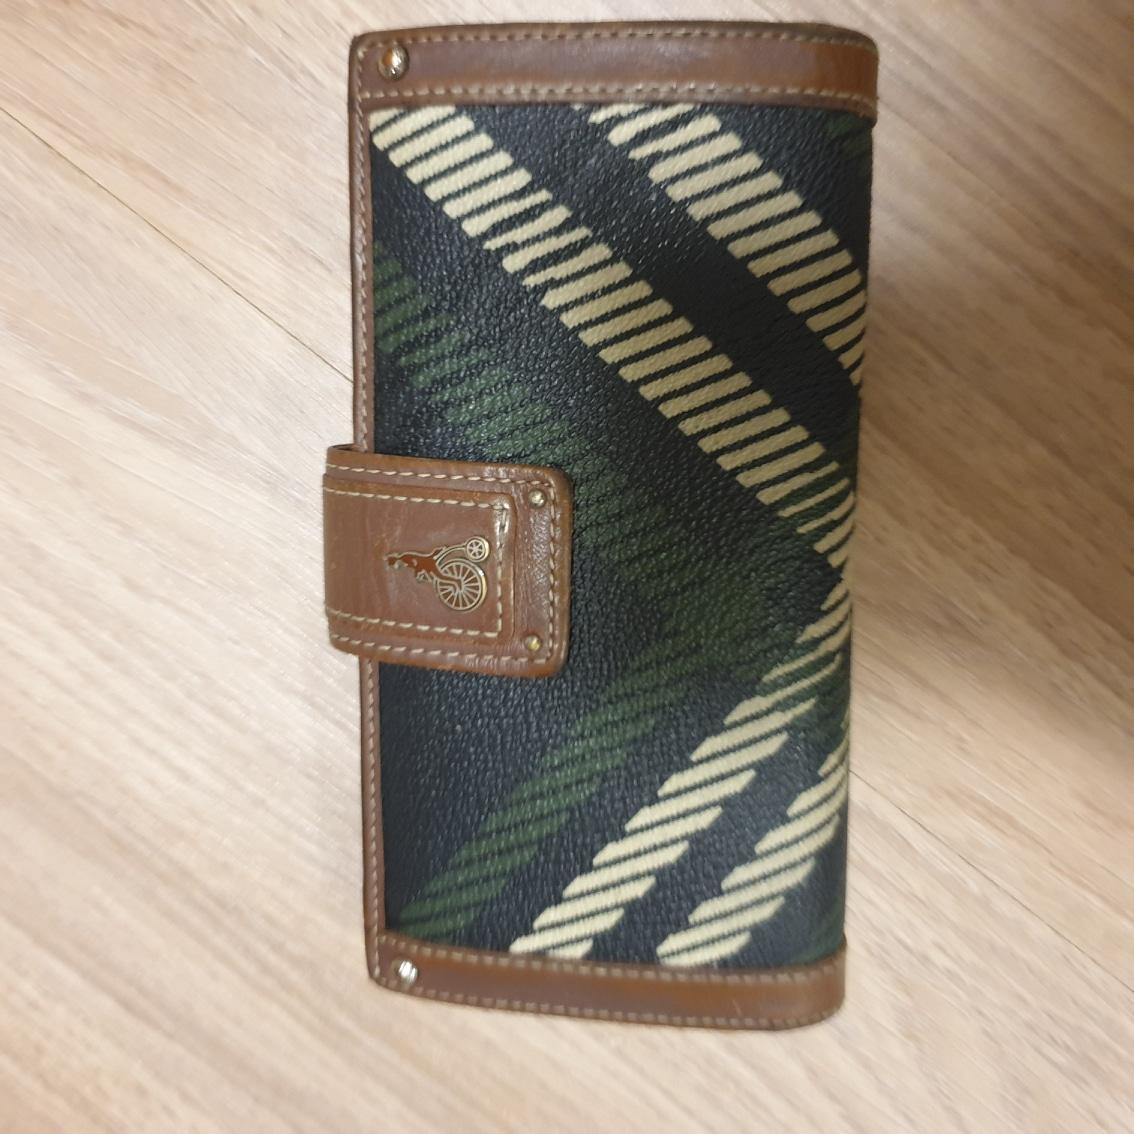 빈폴 장지갑